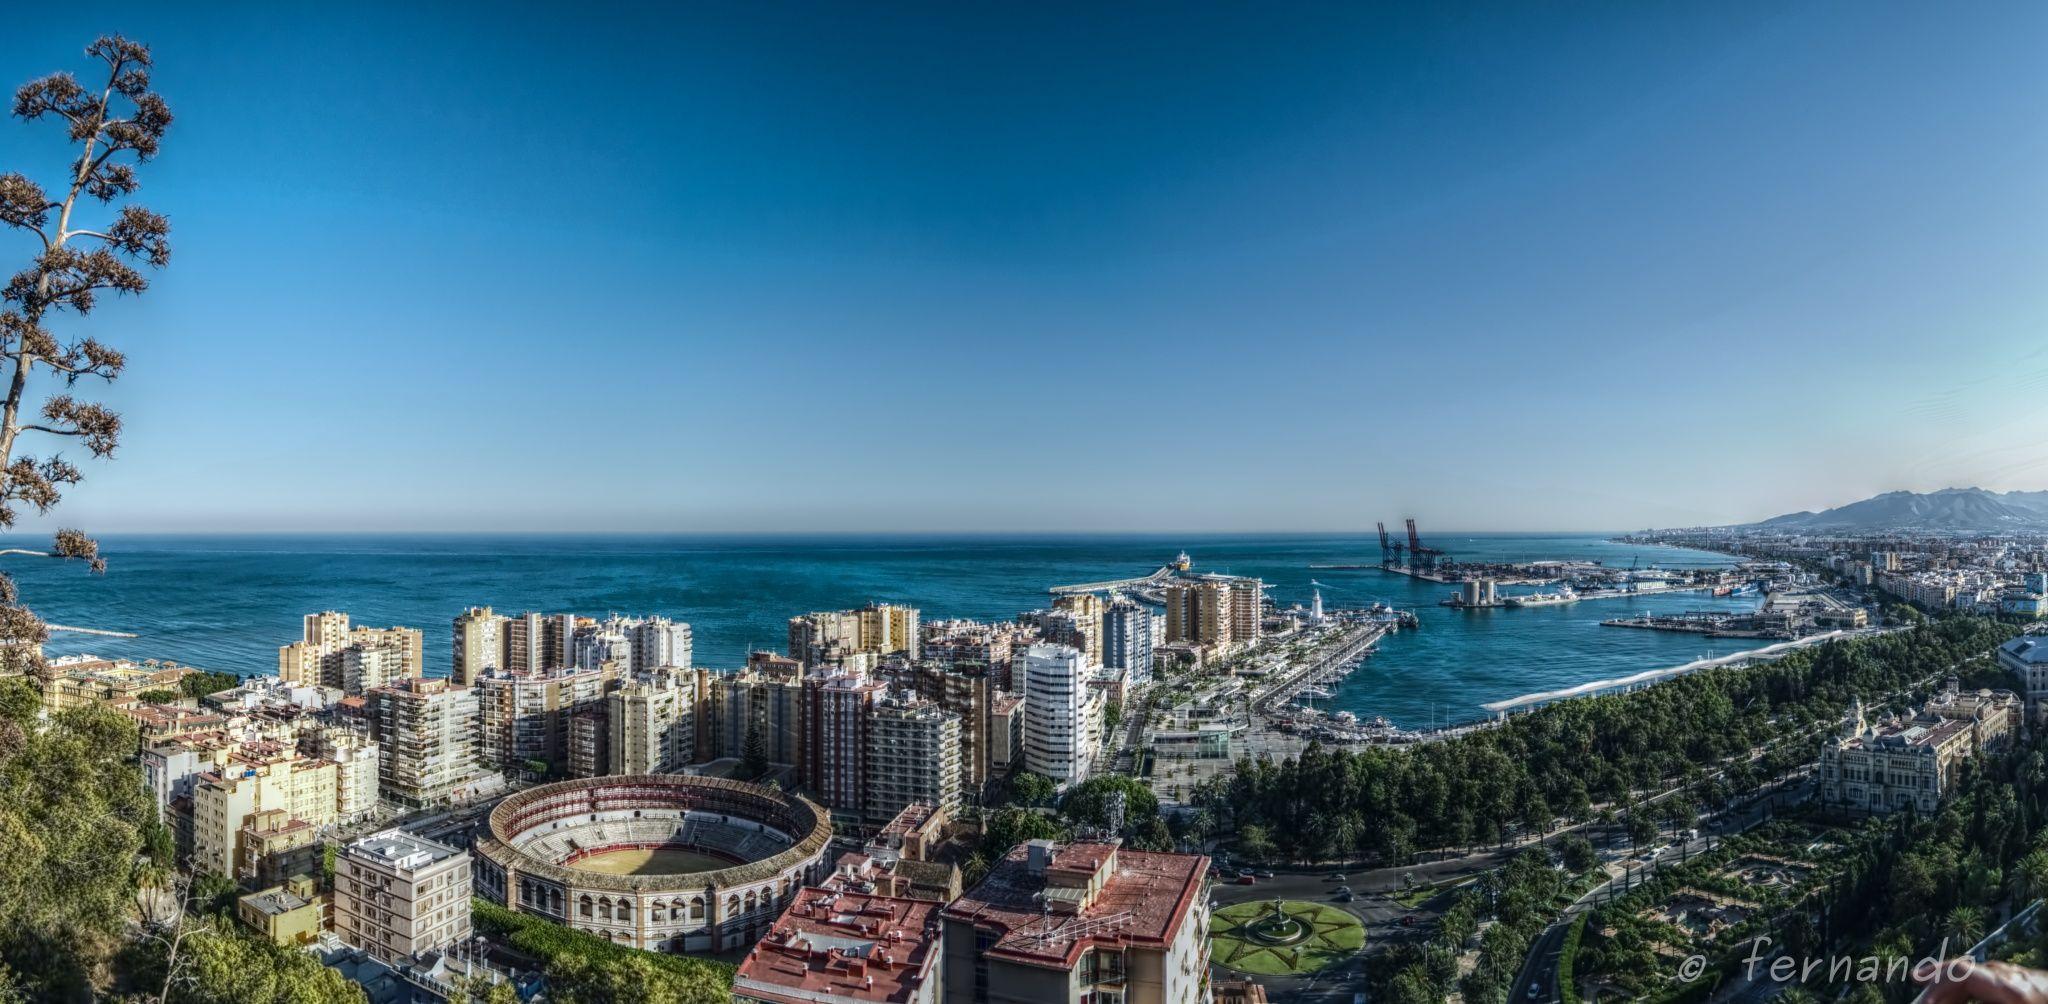 Málaga by fgred